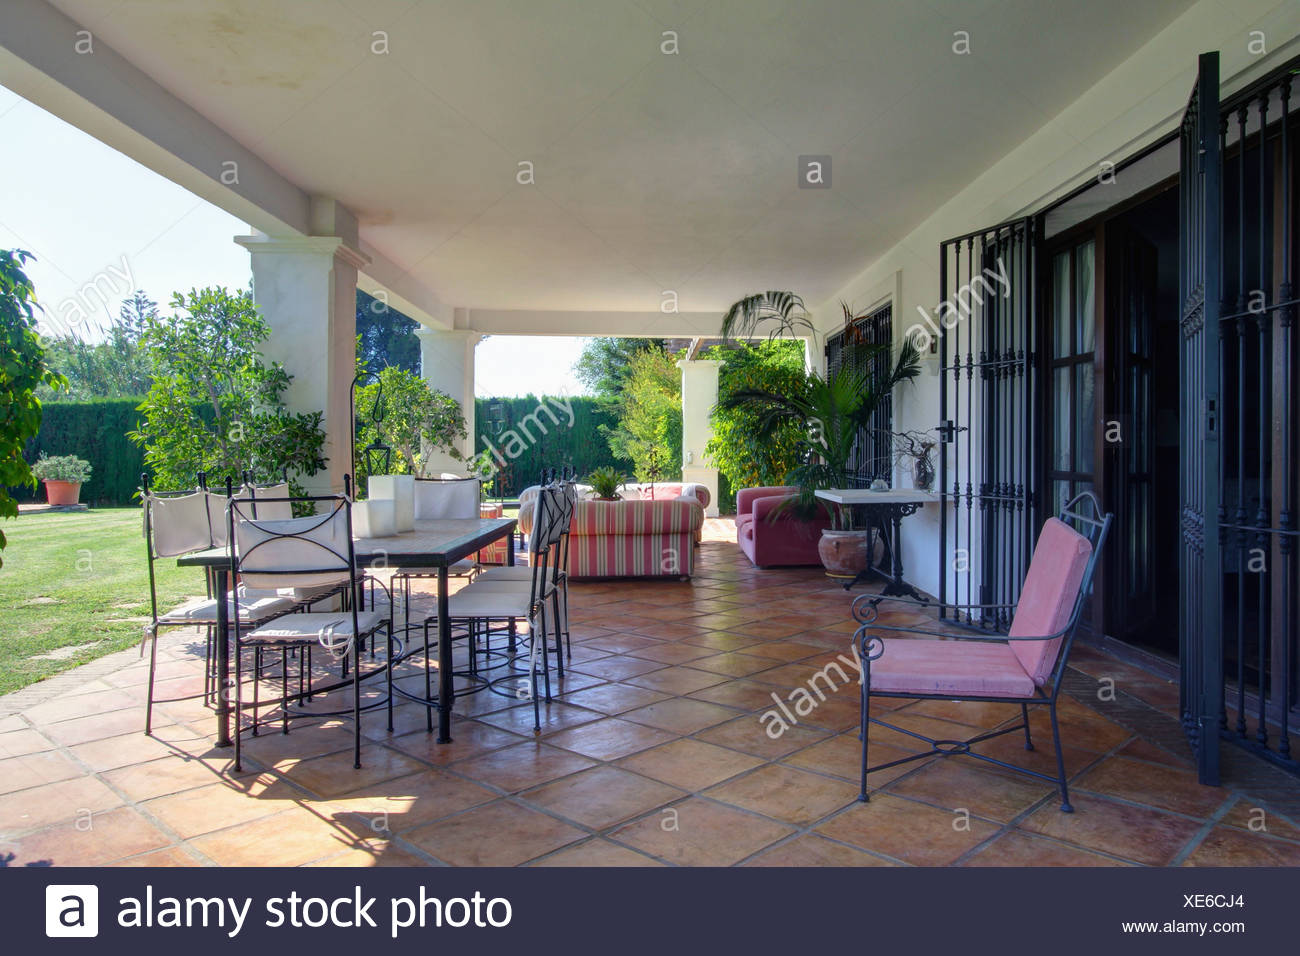 Veranda Metal Et Verre chaises et table en métal sur un sol en terre cuite